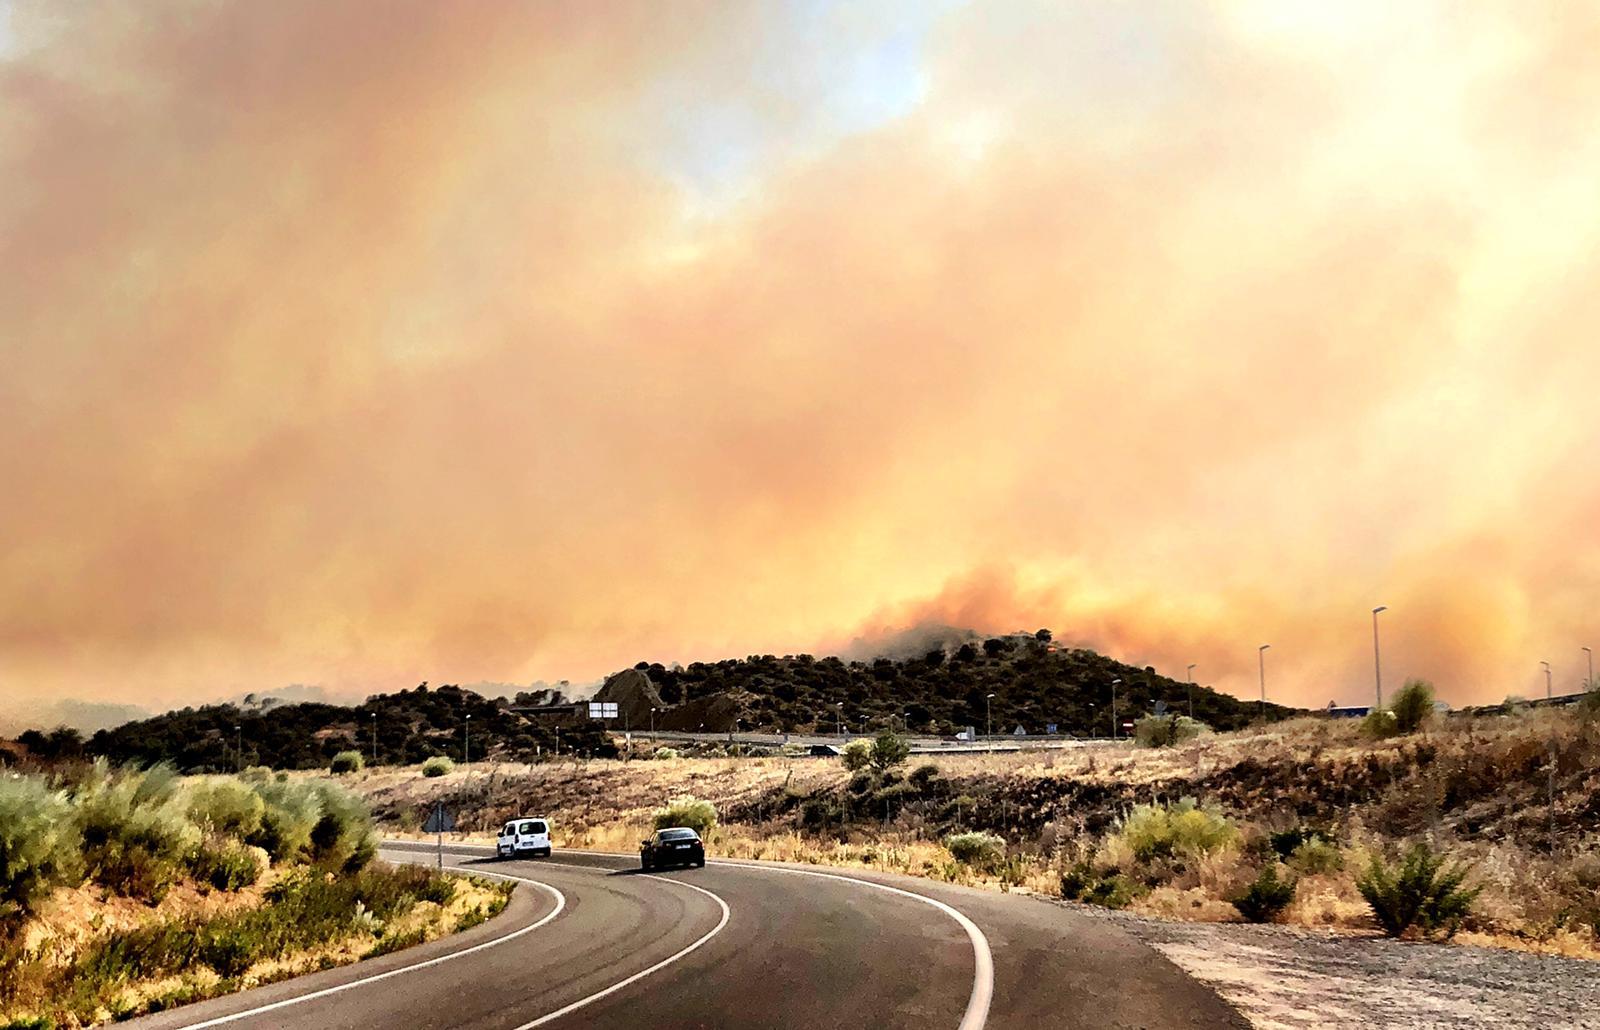 El incendio a cinco kilómetros ha cogido dimensiones considerables.